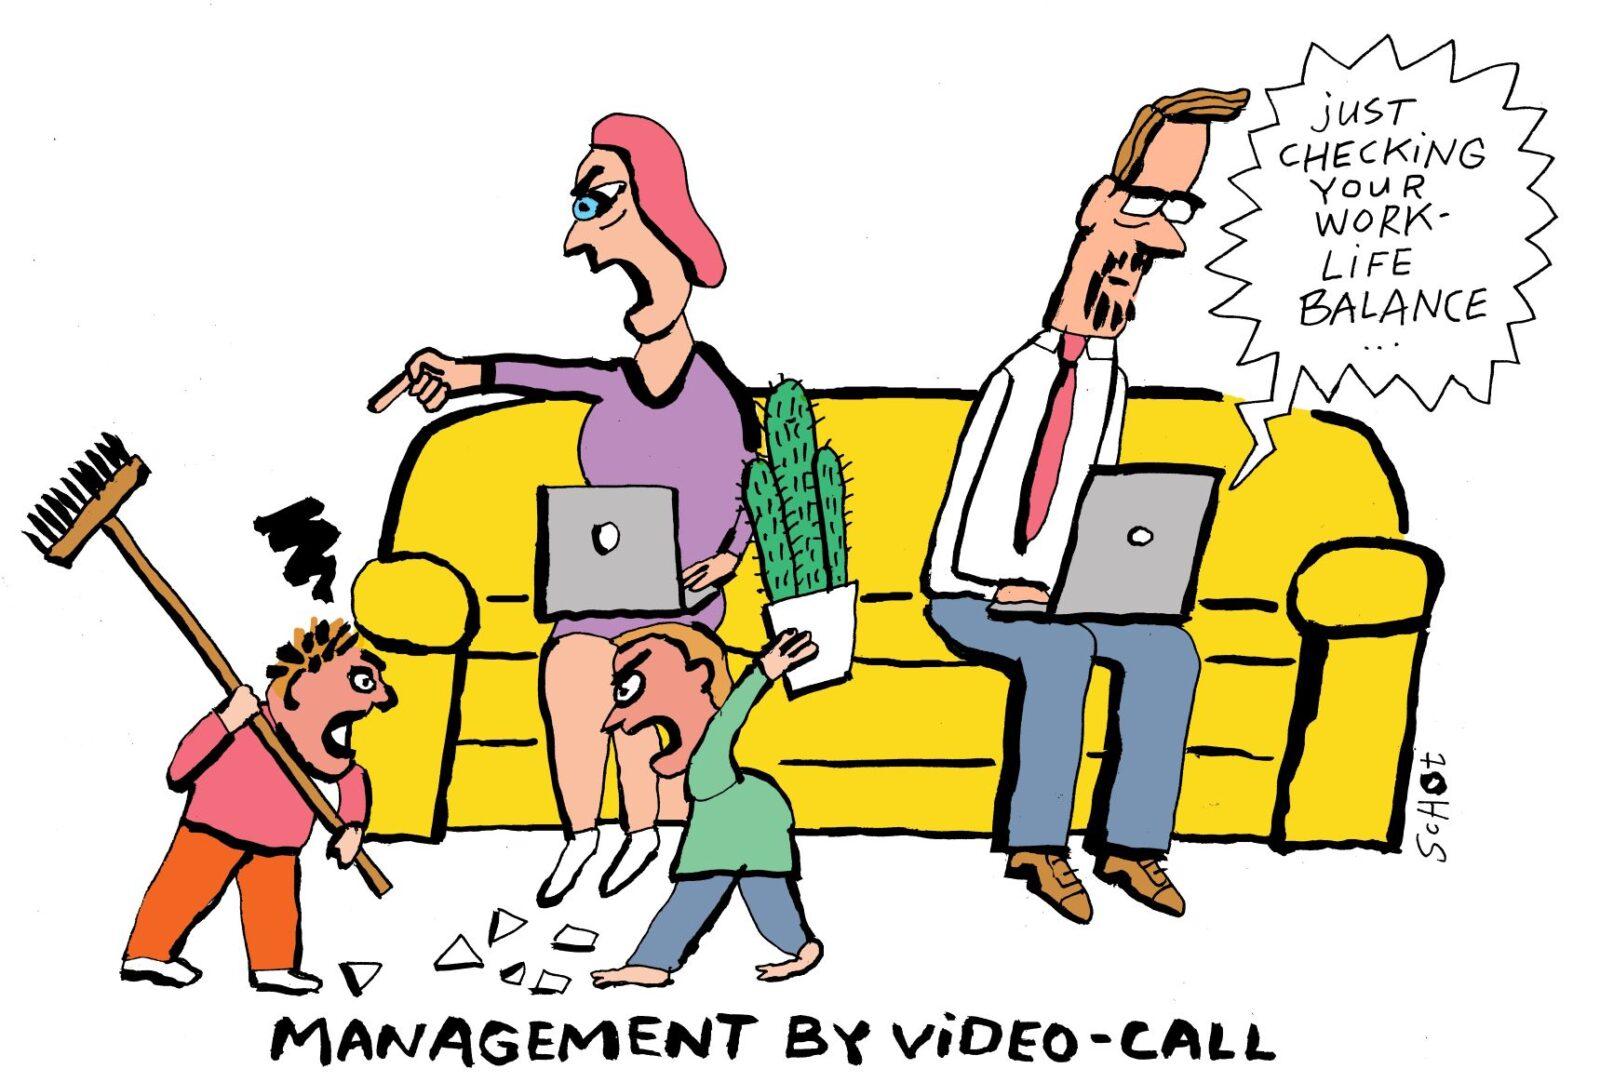 corona labour market home office work life balance – bas van der schot